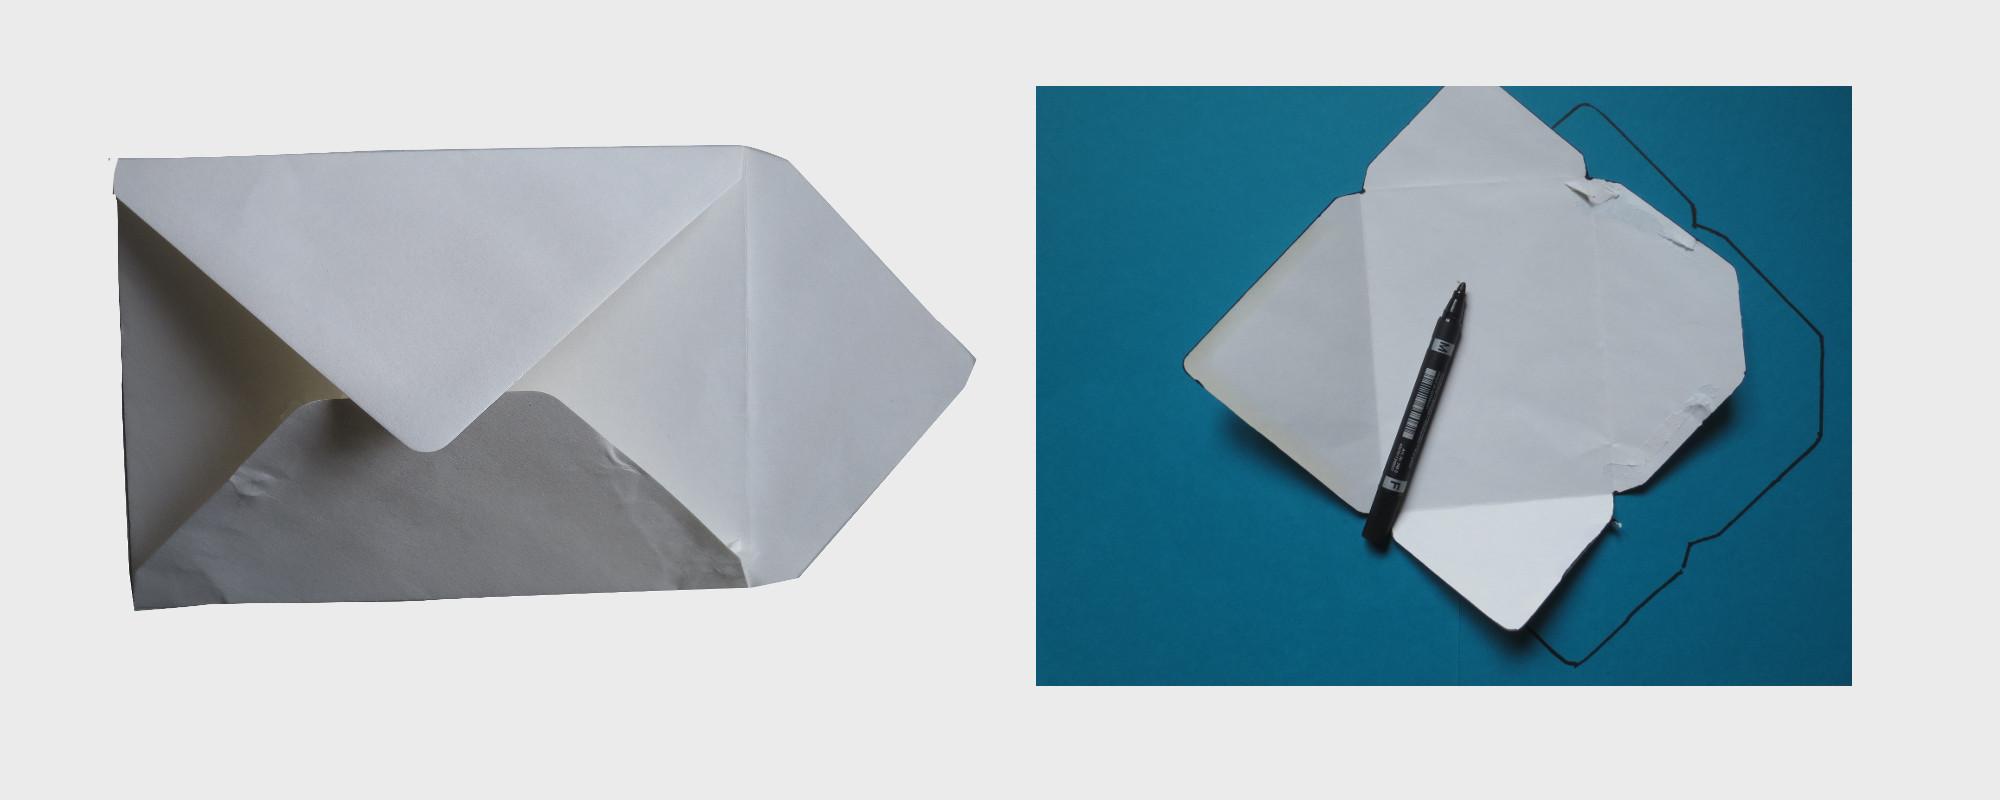 Briefumschlag selber machen: Schablone zeichnen . Book Art Umschlag